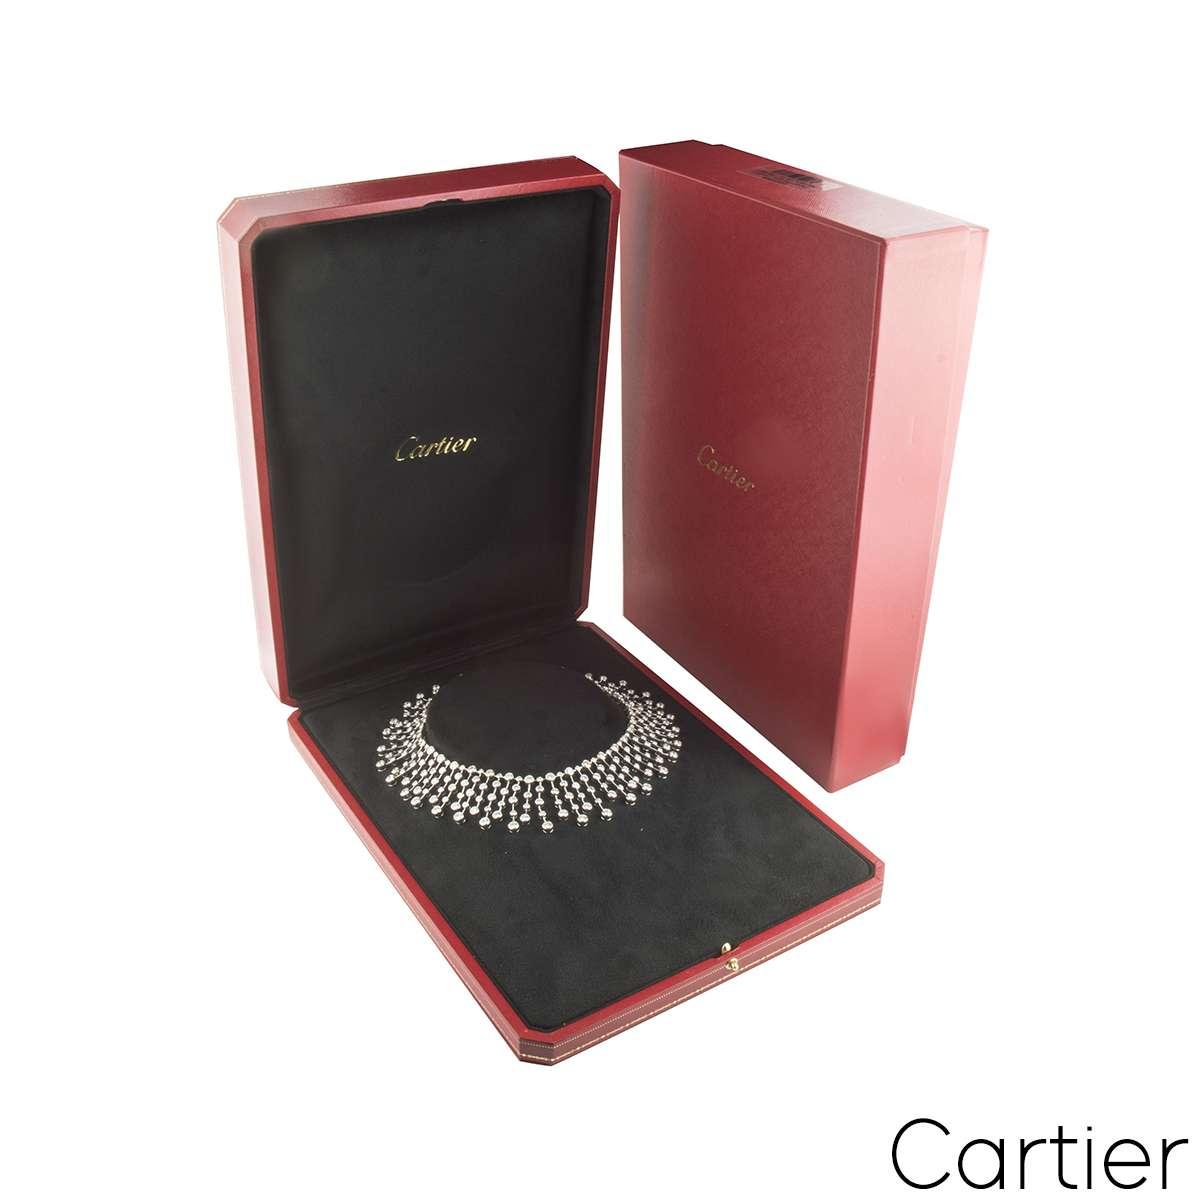 Cartier Diamond Platinum Necklace 60.00ct D/VVS